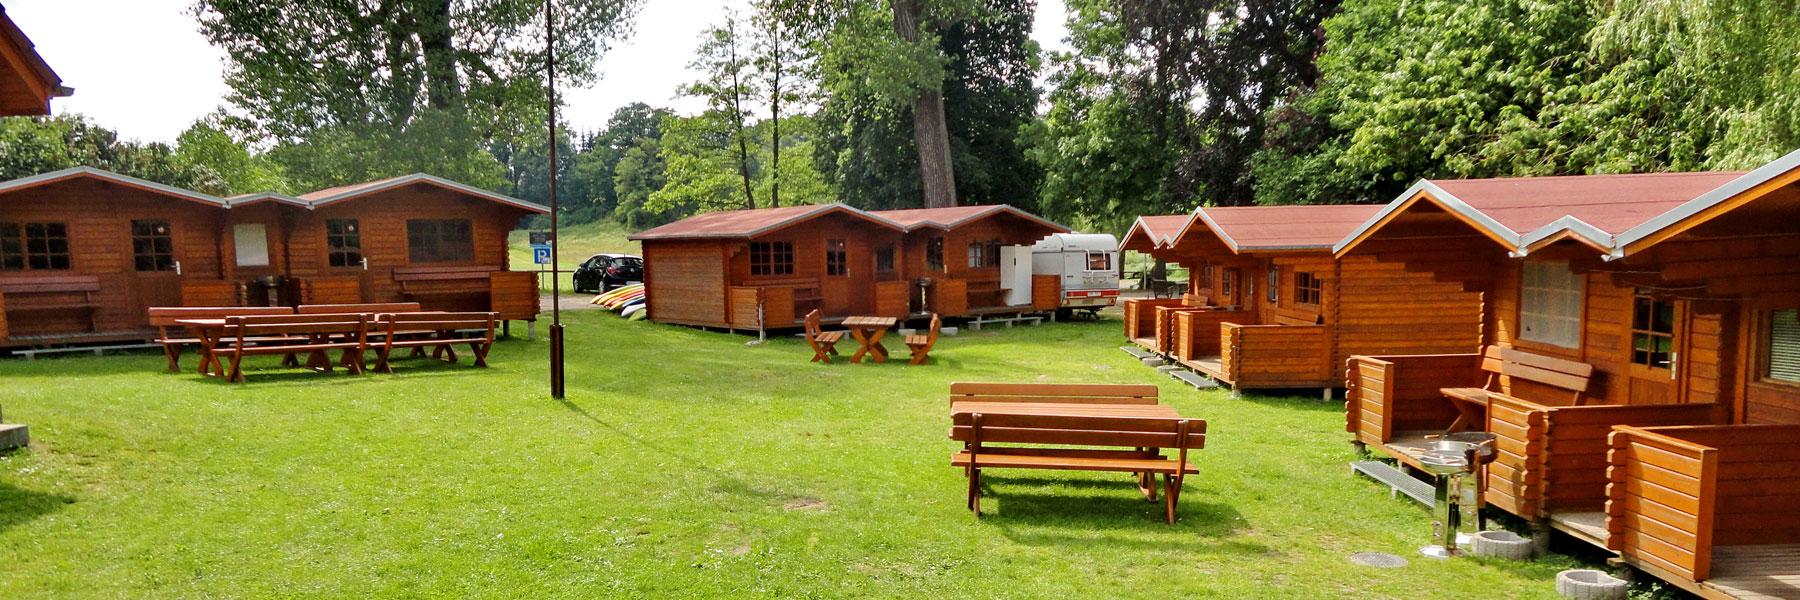 Blockhäuser - Kanu-Feriencamp Weitendorf